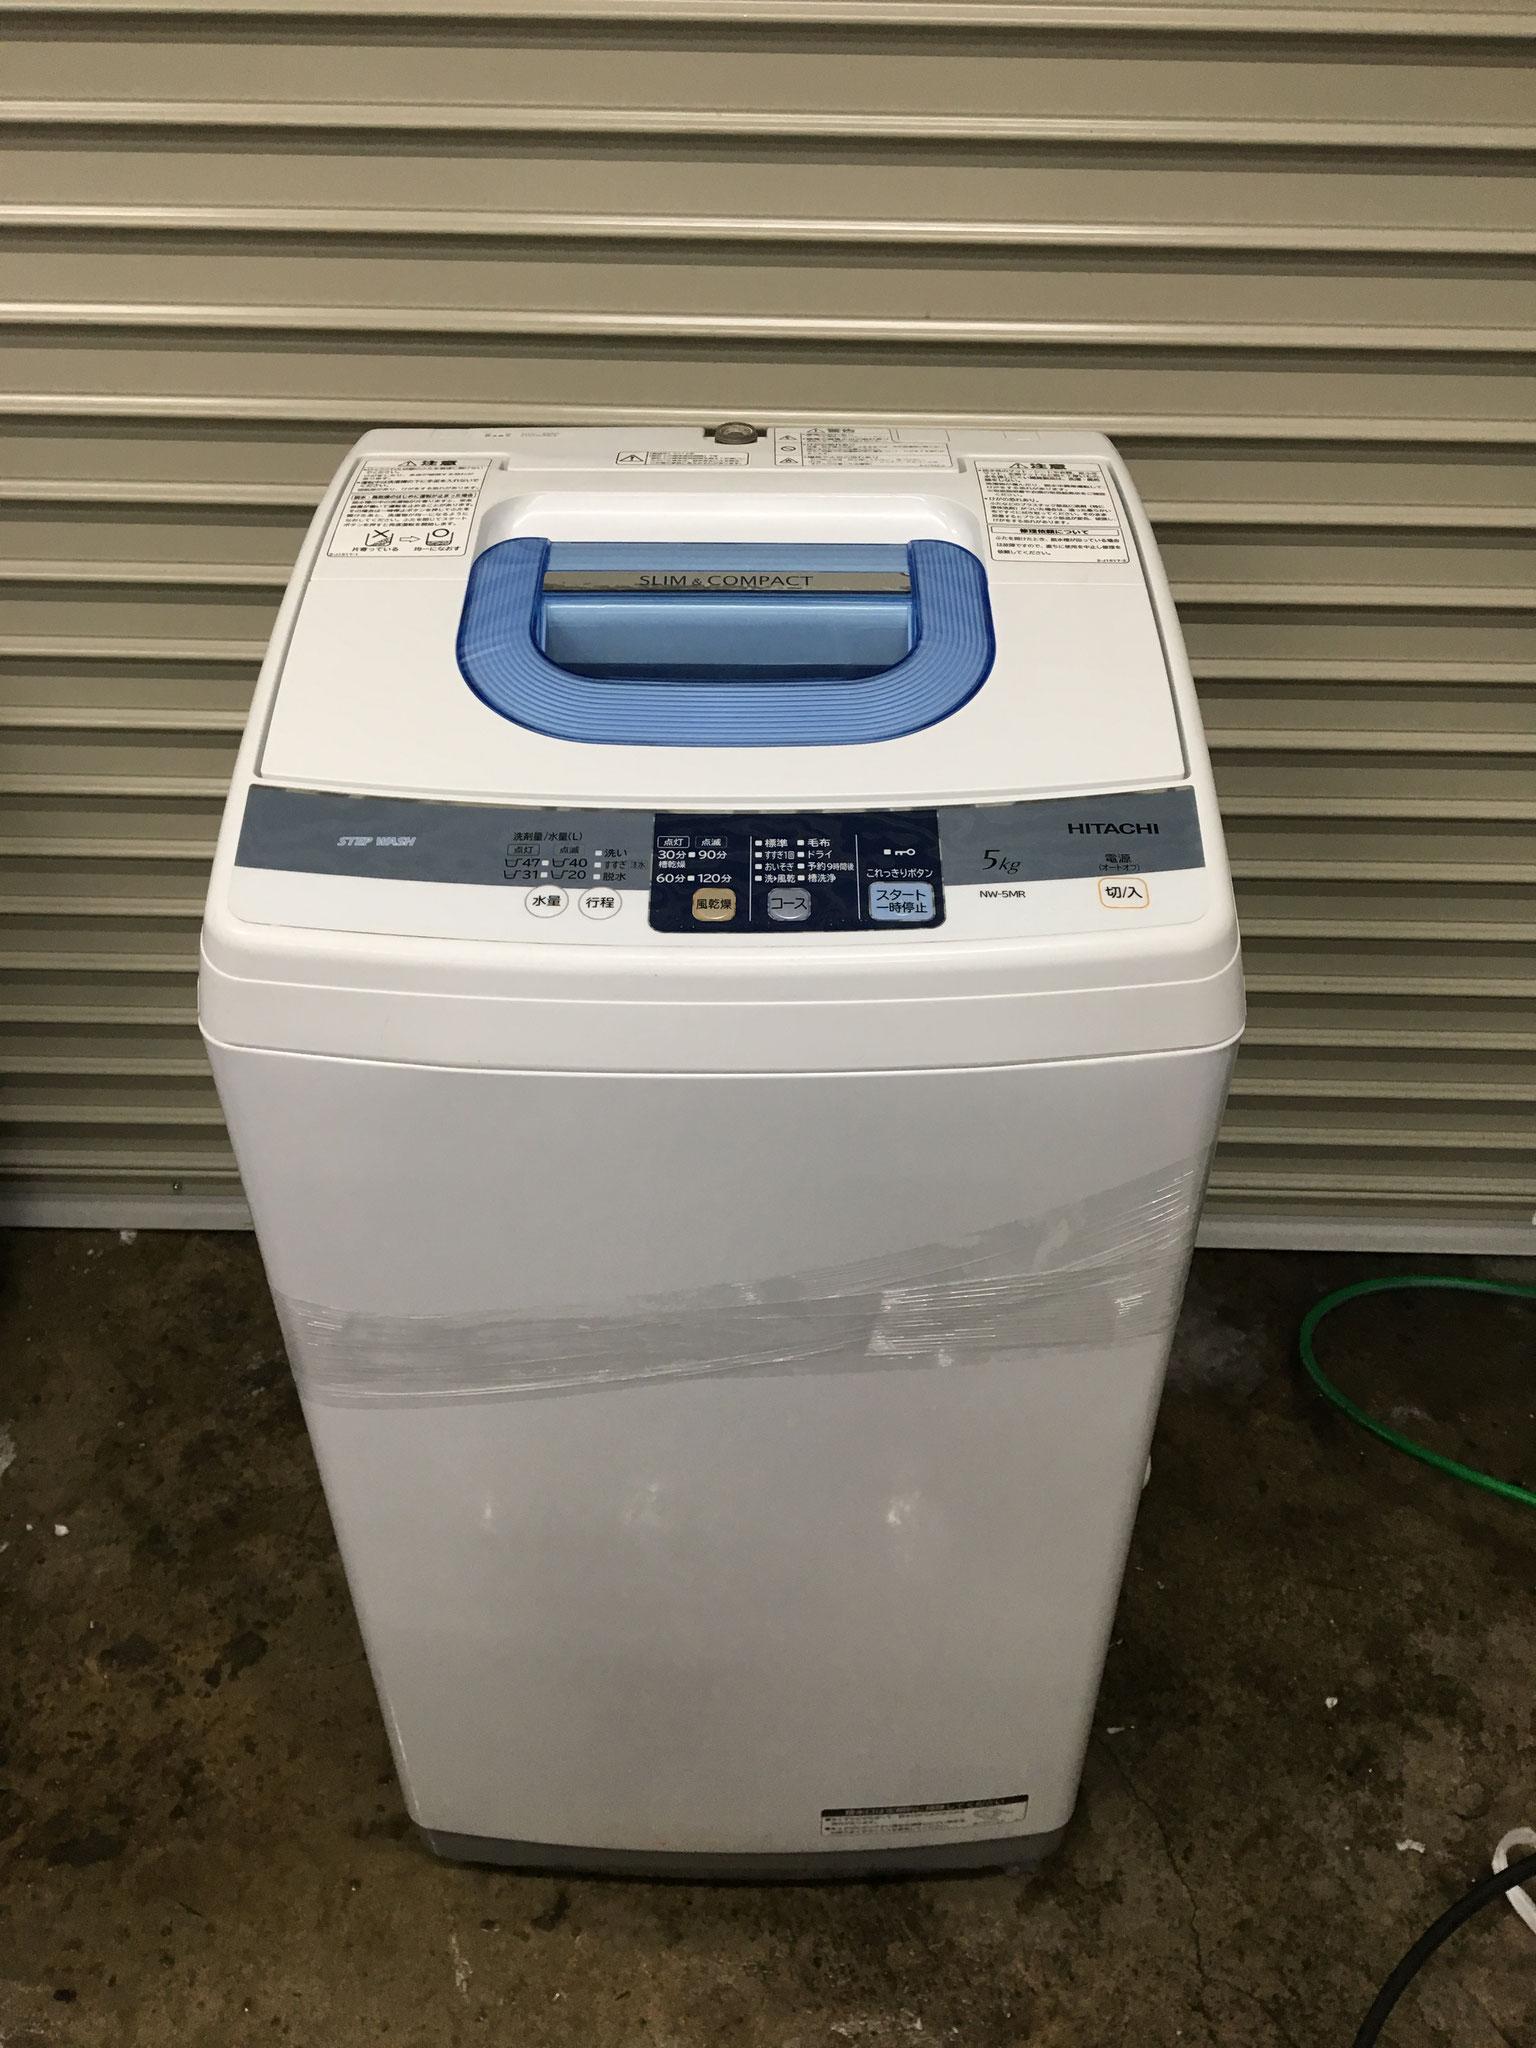 2012年製5.0㎏札幌洗濯機買取500円